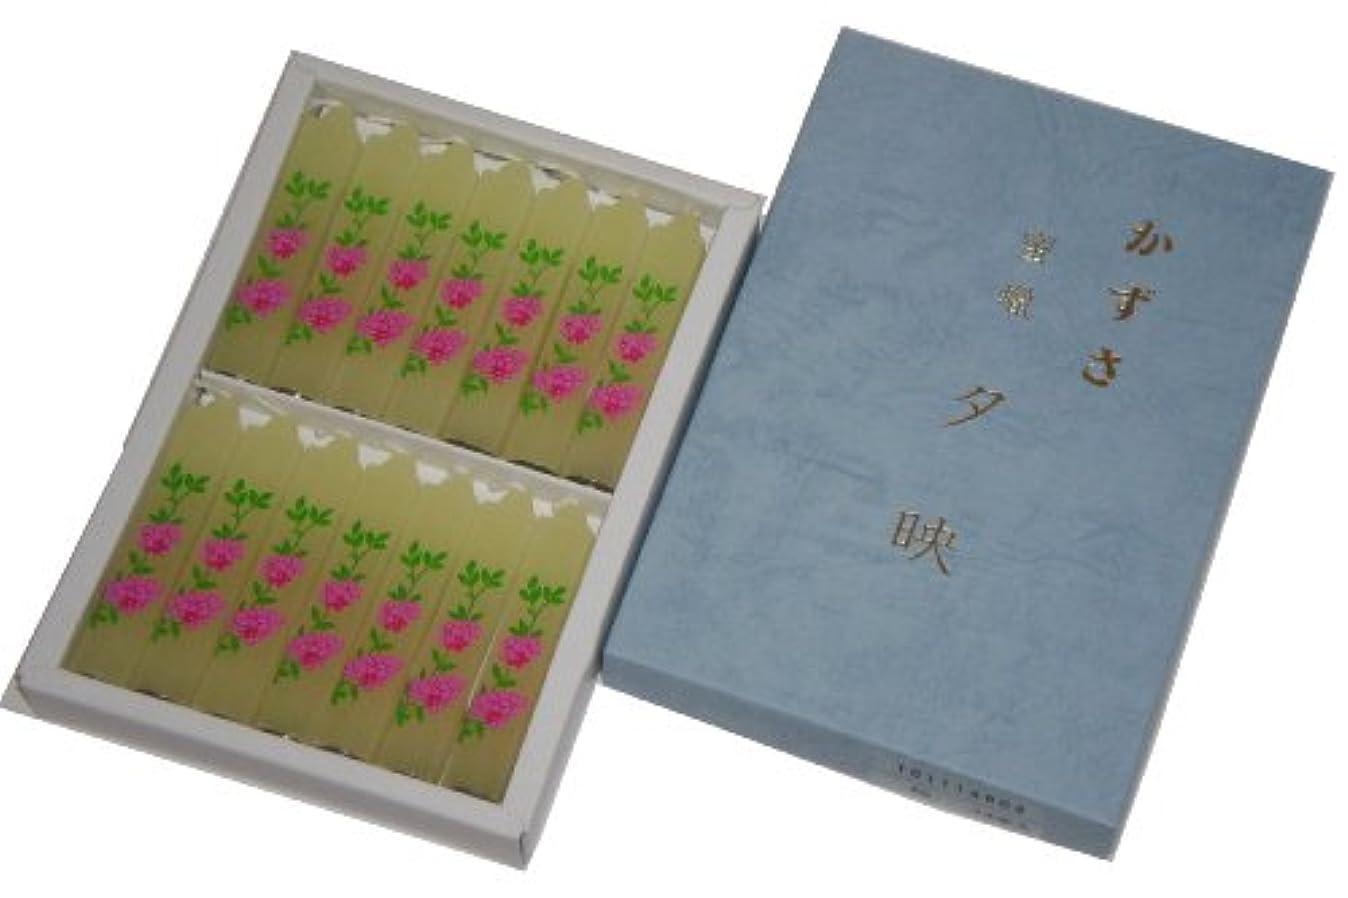 スキャン帰する予想する鳥居のローソク 蜜蝋小夕映 桜 14本入 金具付 #100964